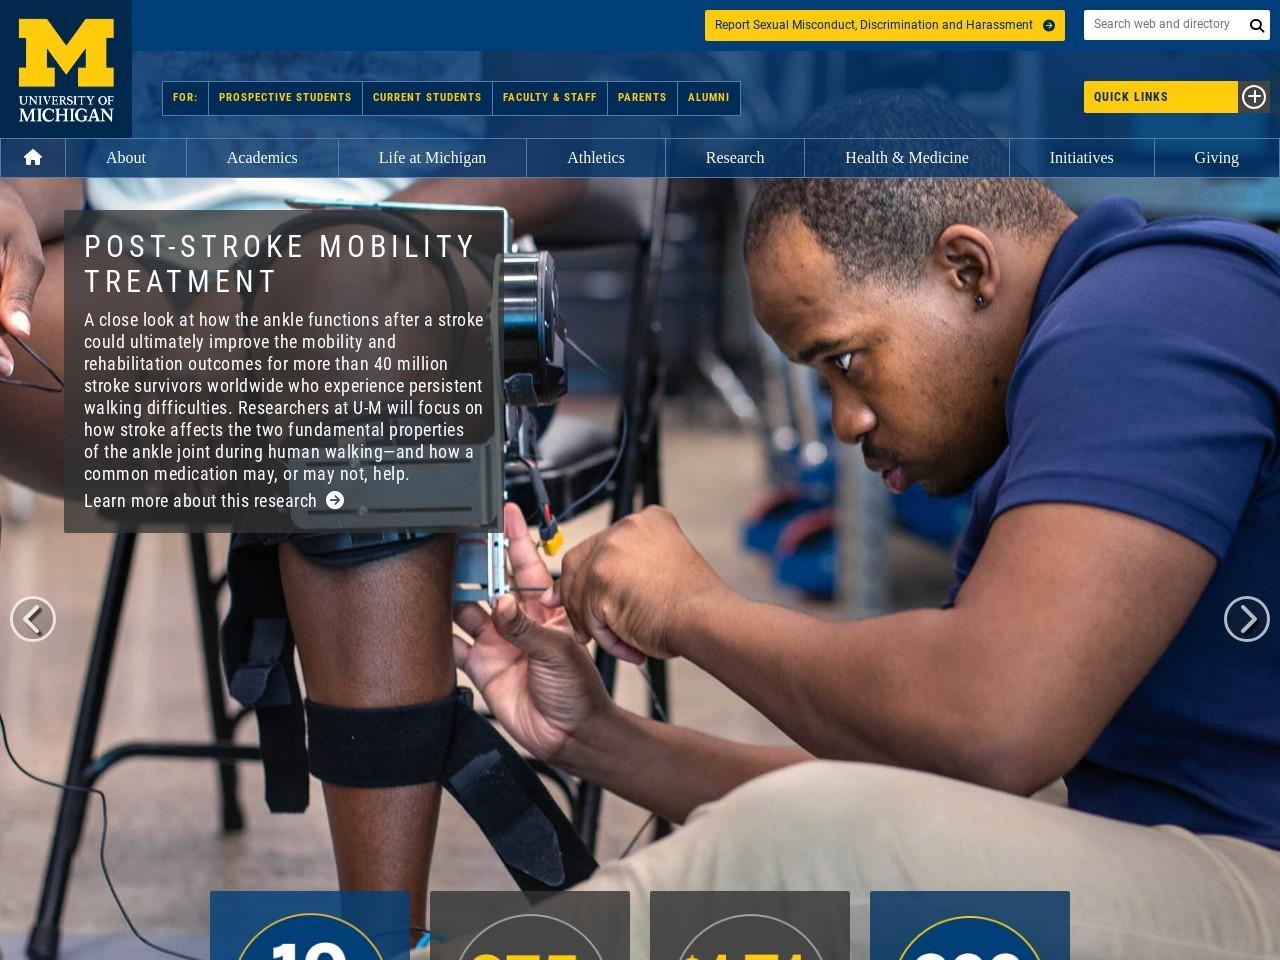 umich.edu